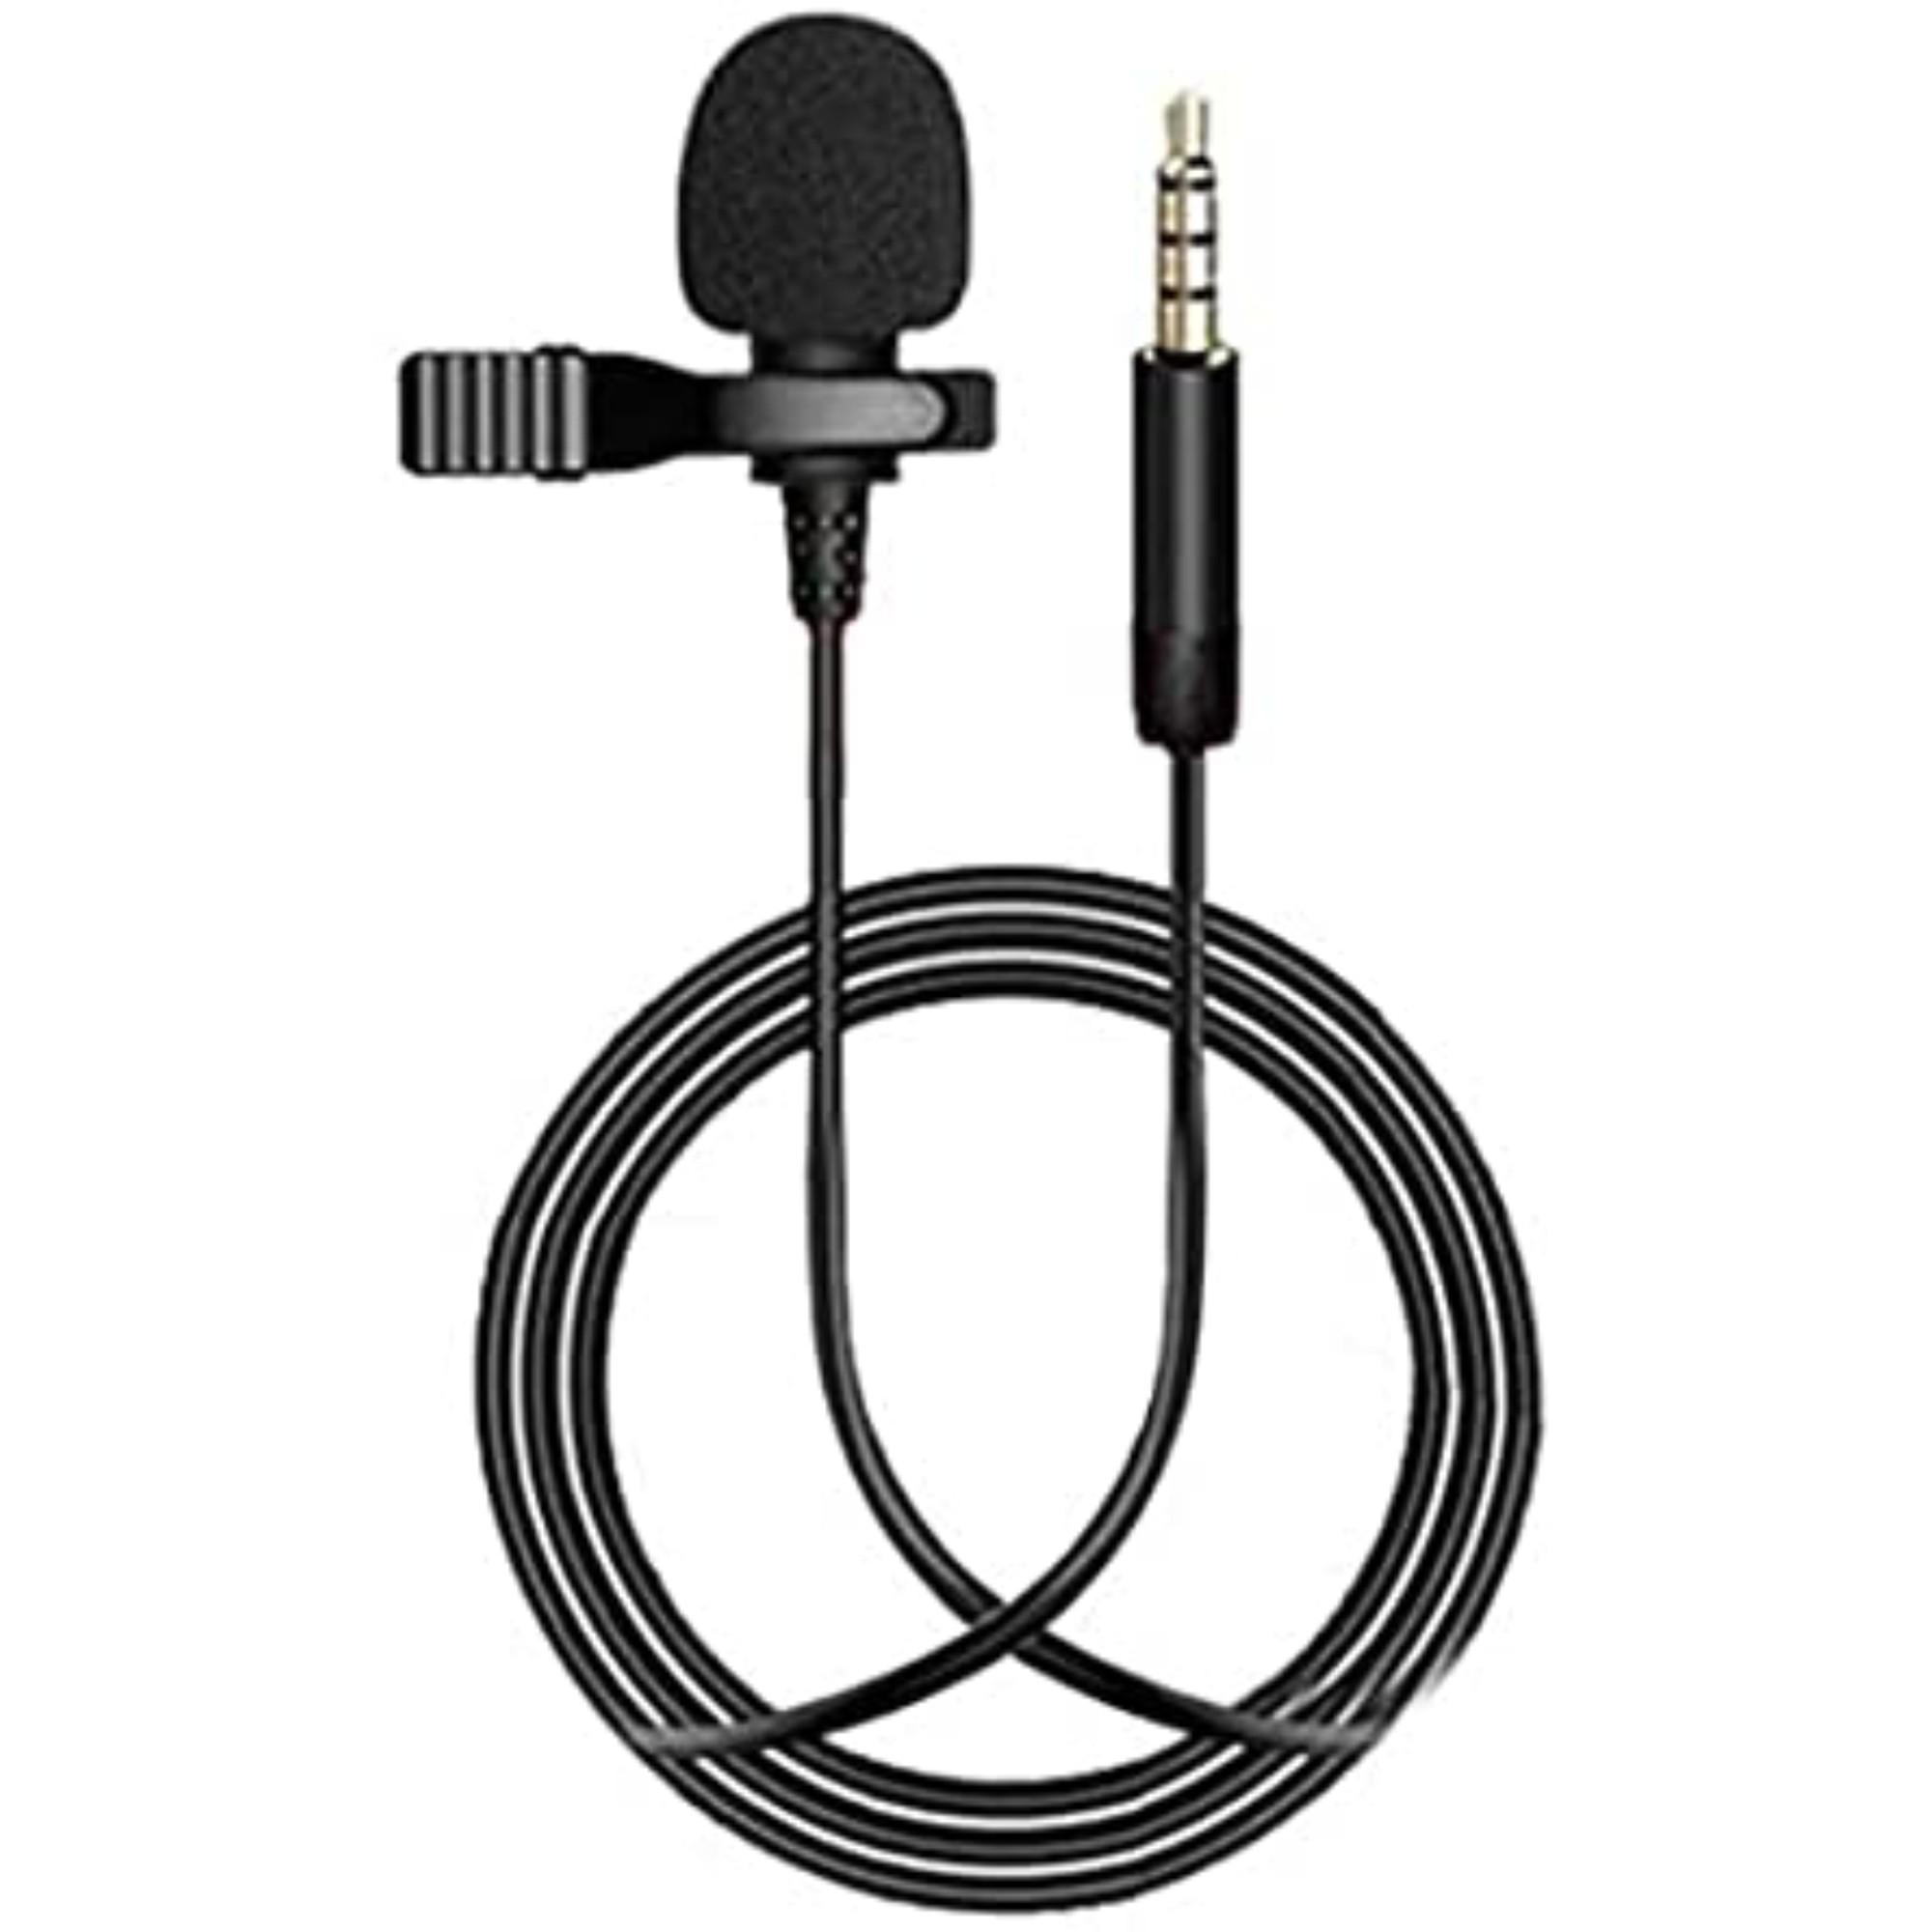 Microfone De Lapela Celular Smartphone Profissional Stereo